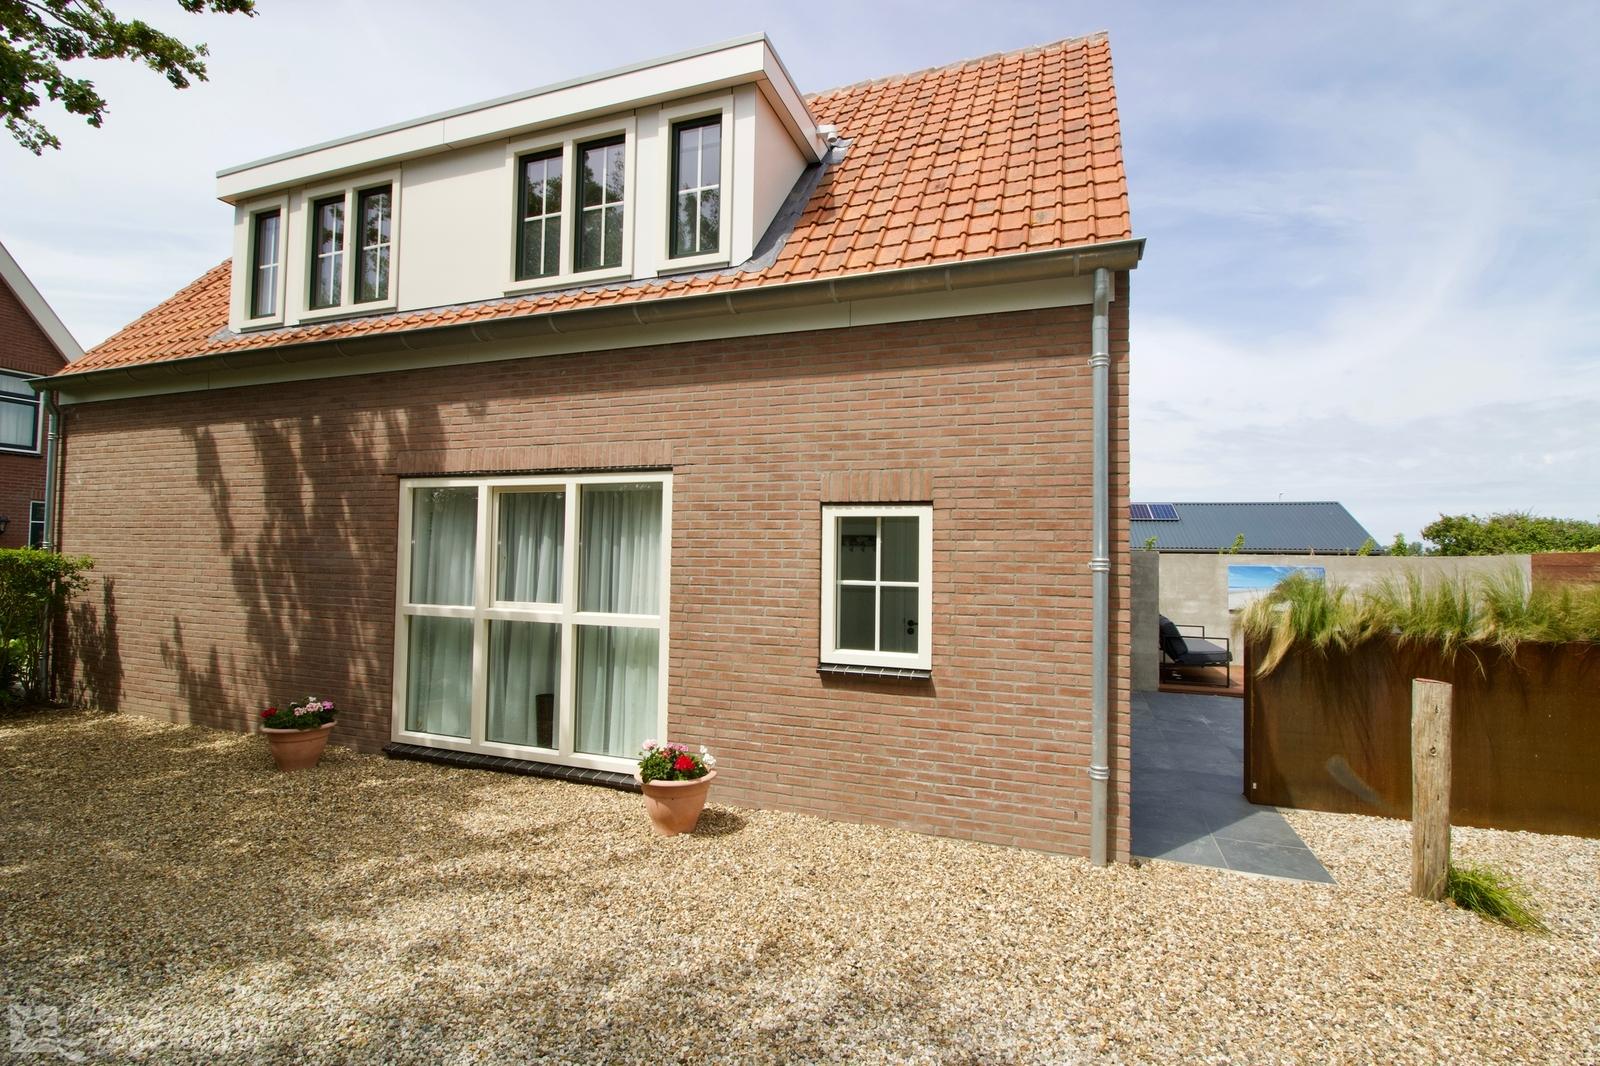 VZ928 Vakantiehuis in Serooskerke